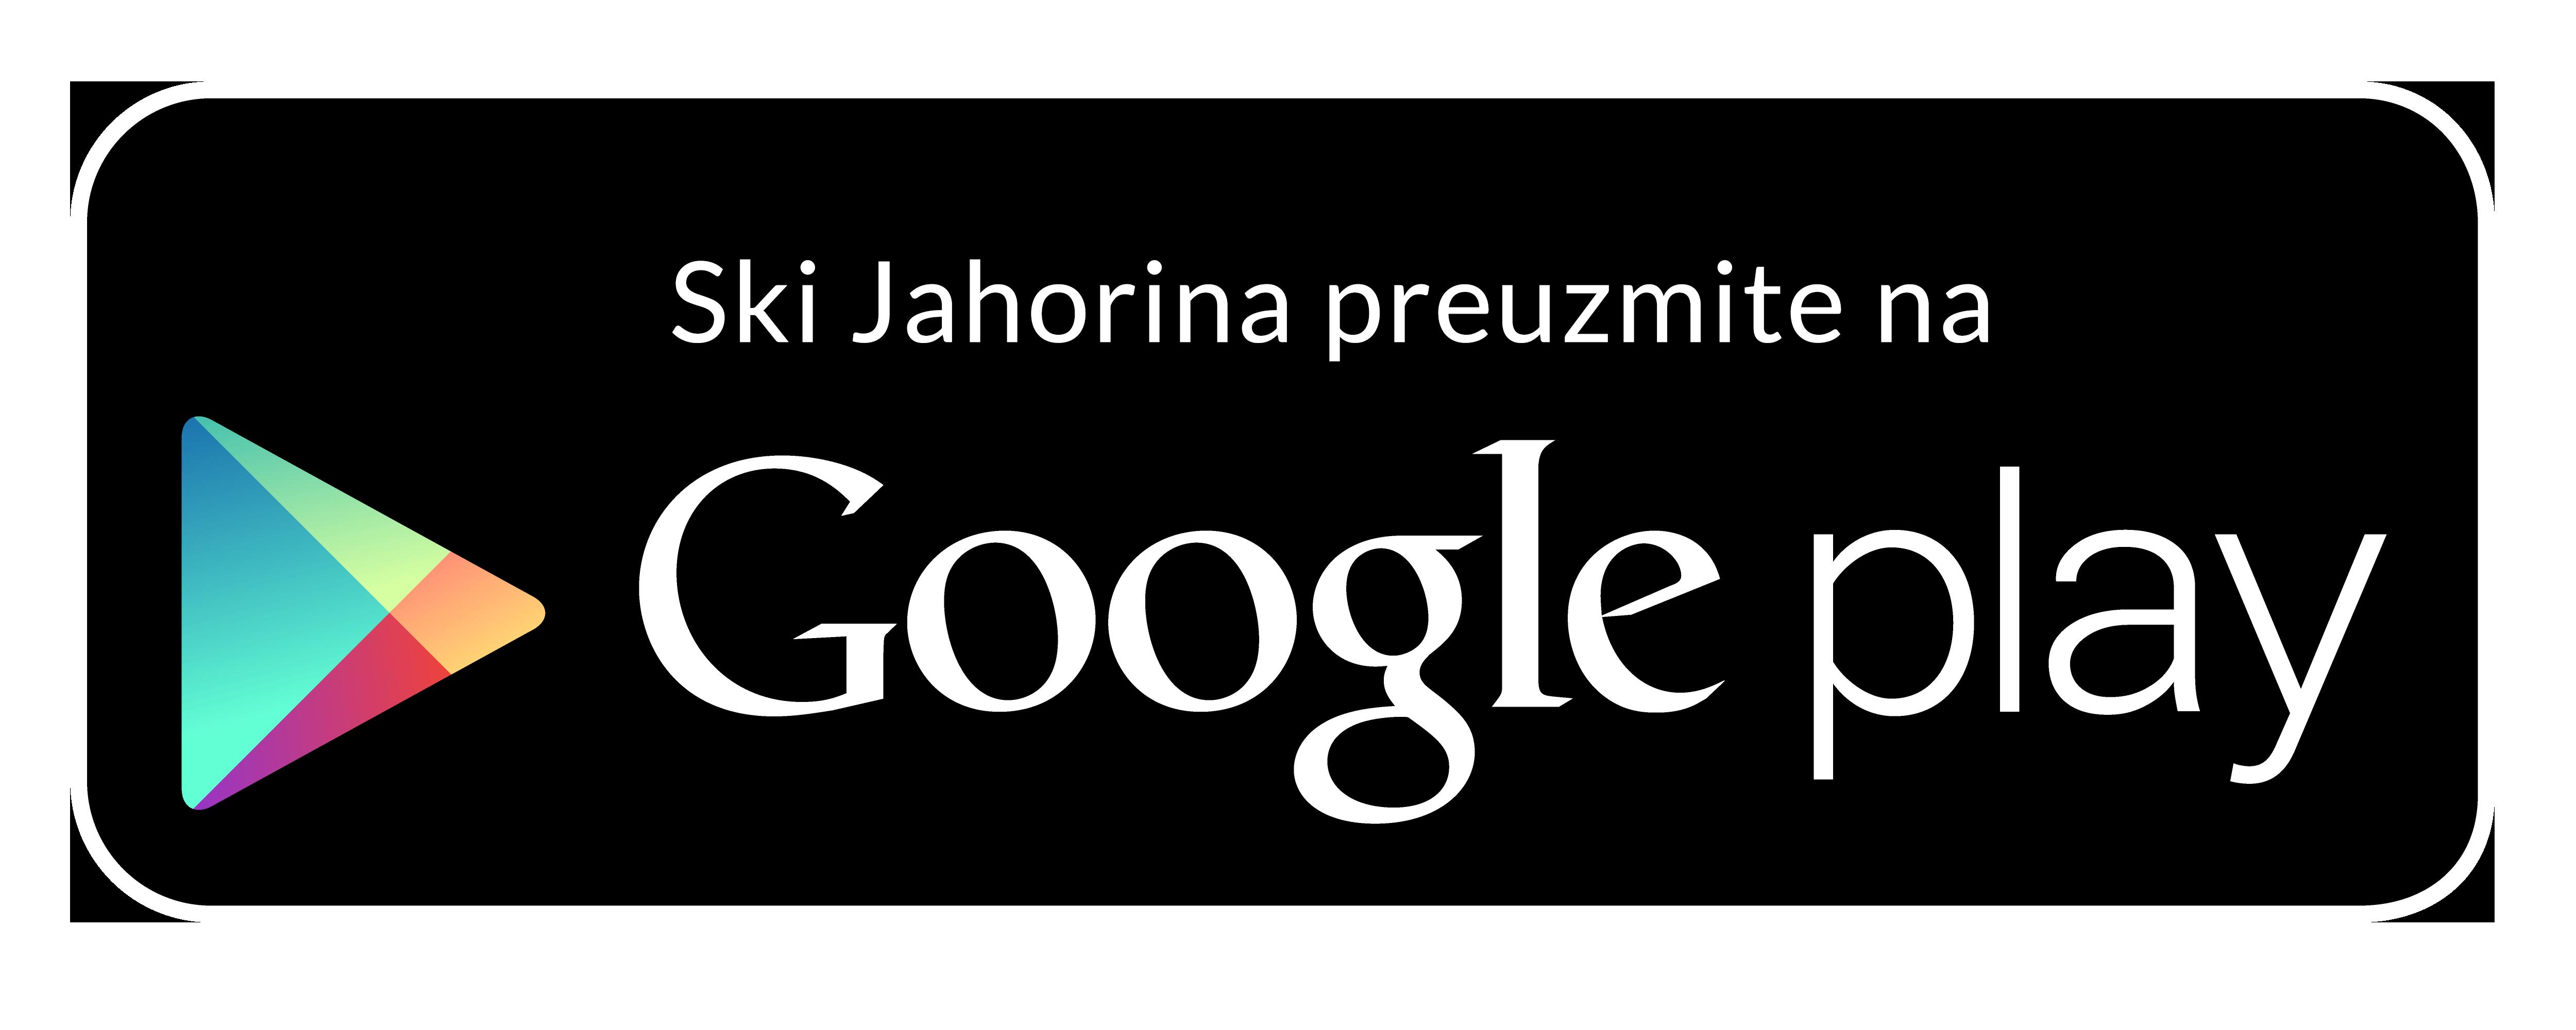 Preuzmite Ski Jahorina.com android aplikaciju